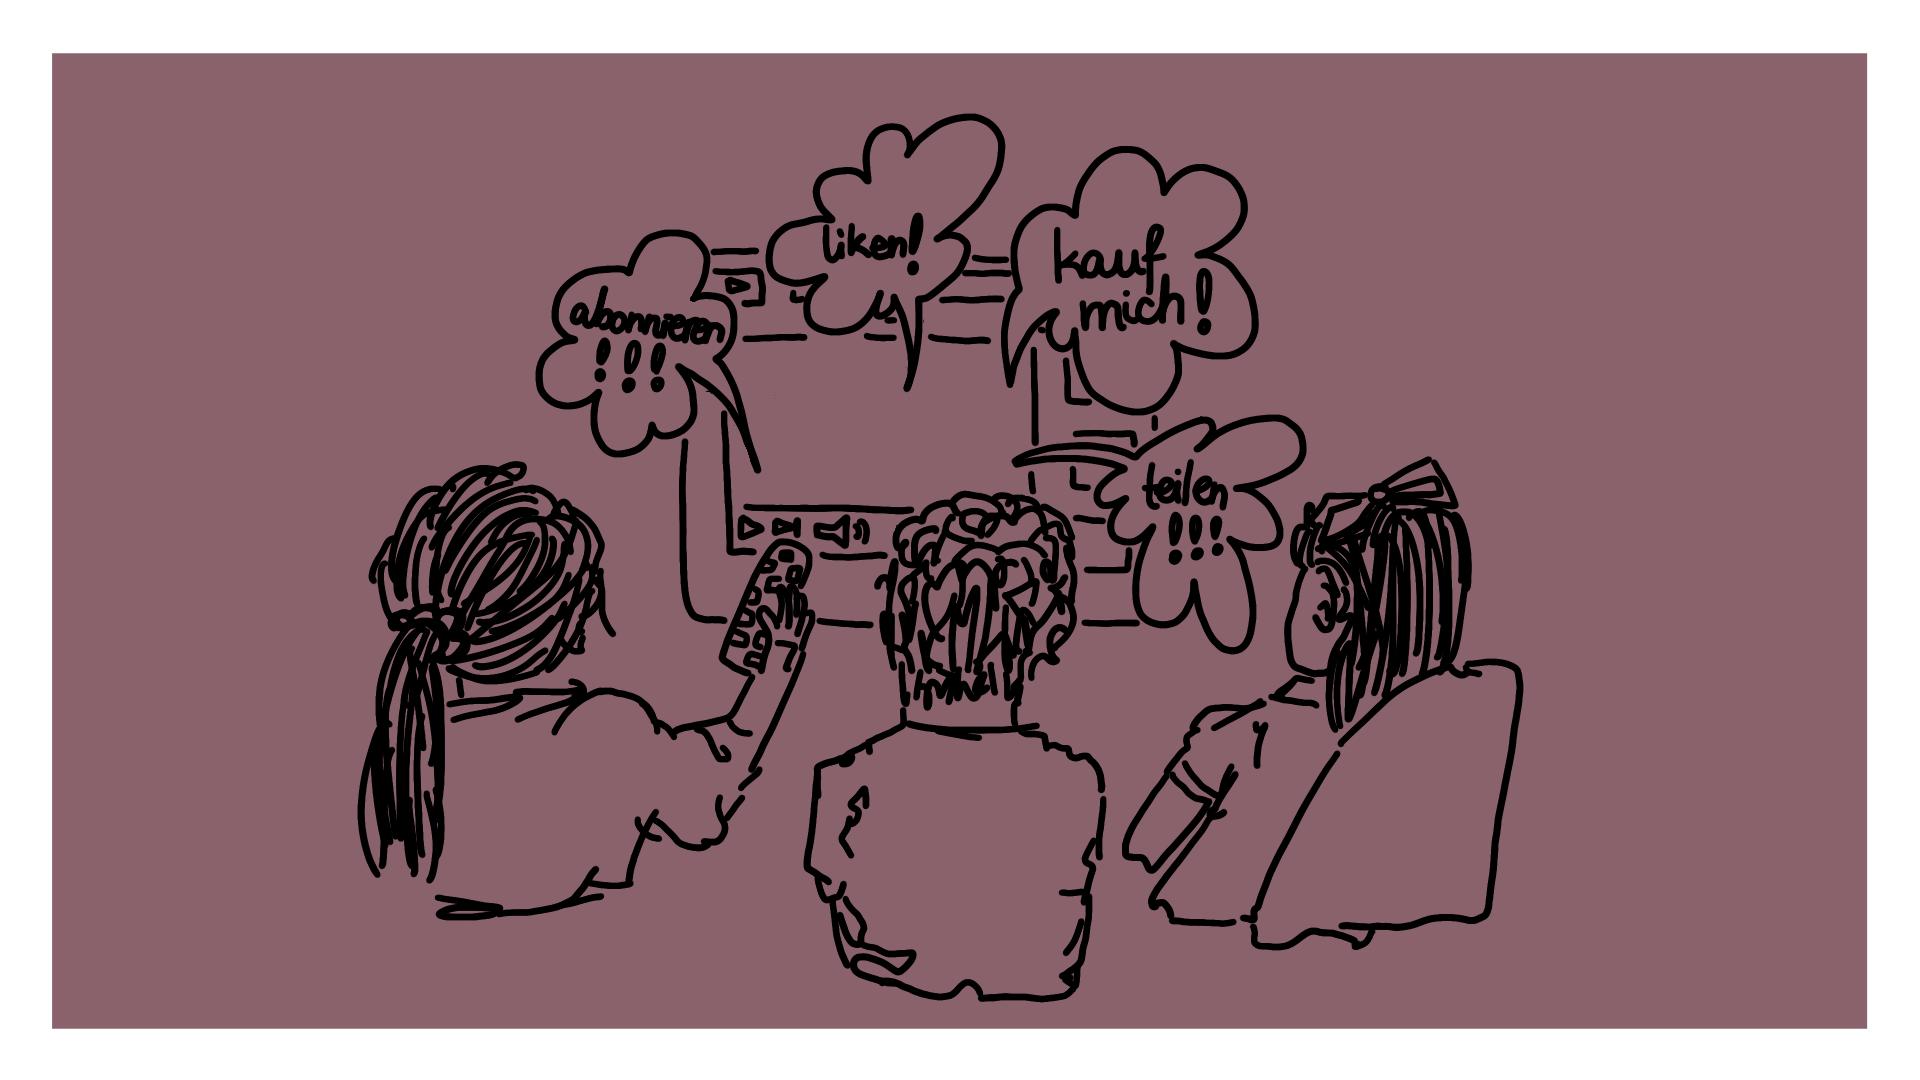 """Beitragsbild - Kinder von hinten, die vor einem Fernseher sitzen aus dem Sprechblasen kommen mit """"abonnieren"""", """"liken"""", """"teilen"""" und """"kauf mich"""""""